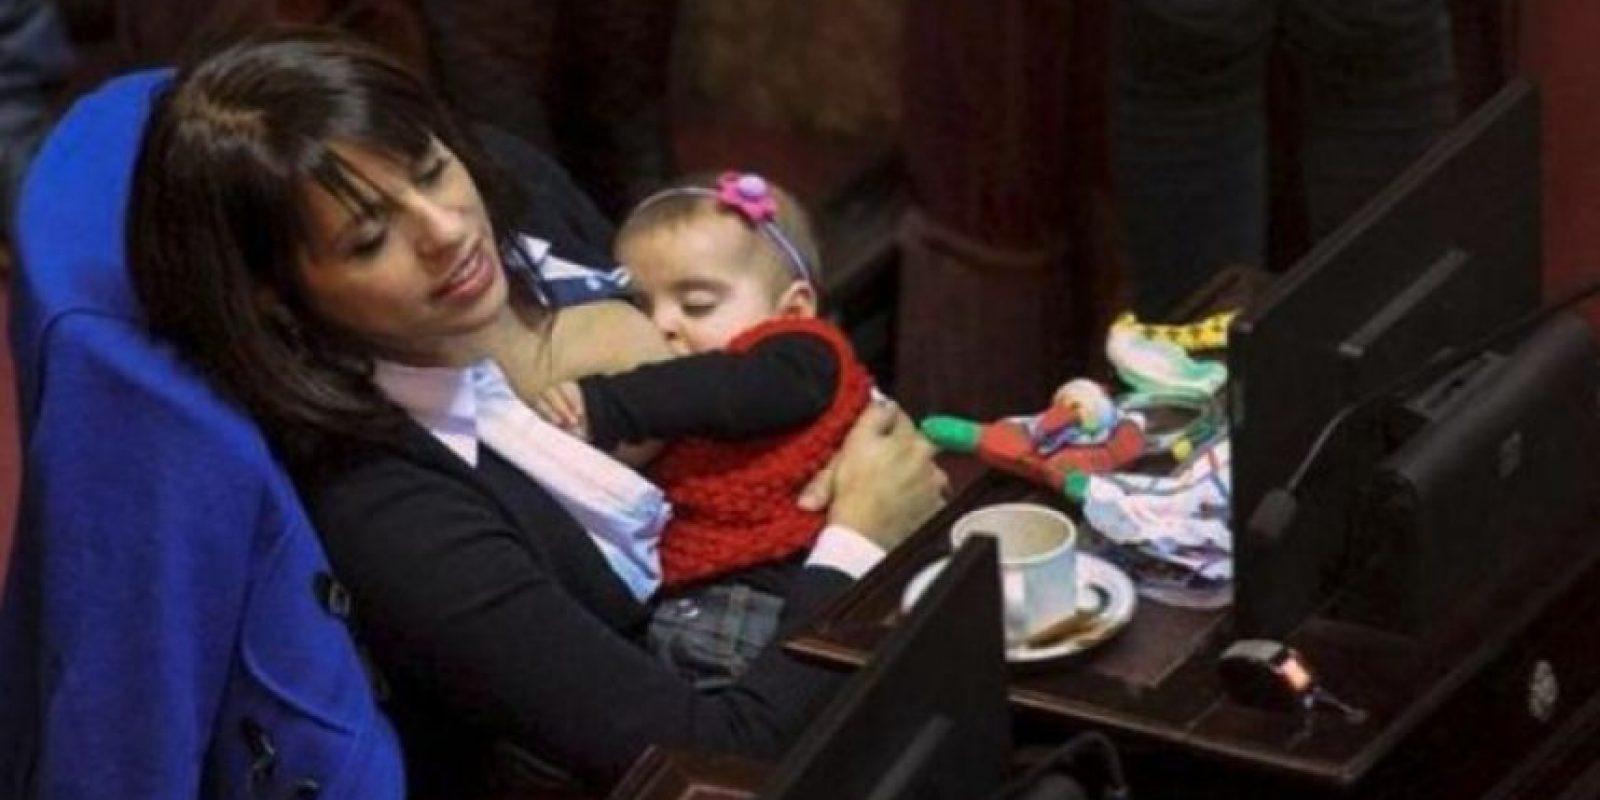 4. Conozca a la diputada argentina que amamanta a su hija en el Congreso Foto:Twitter.com – Archivo